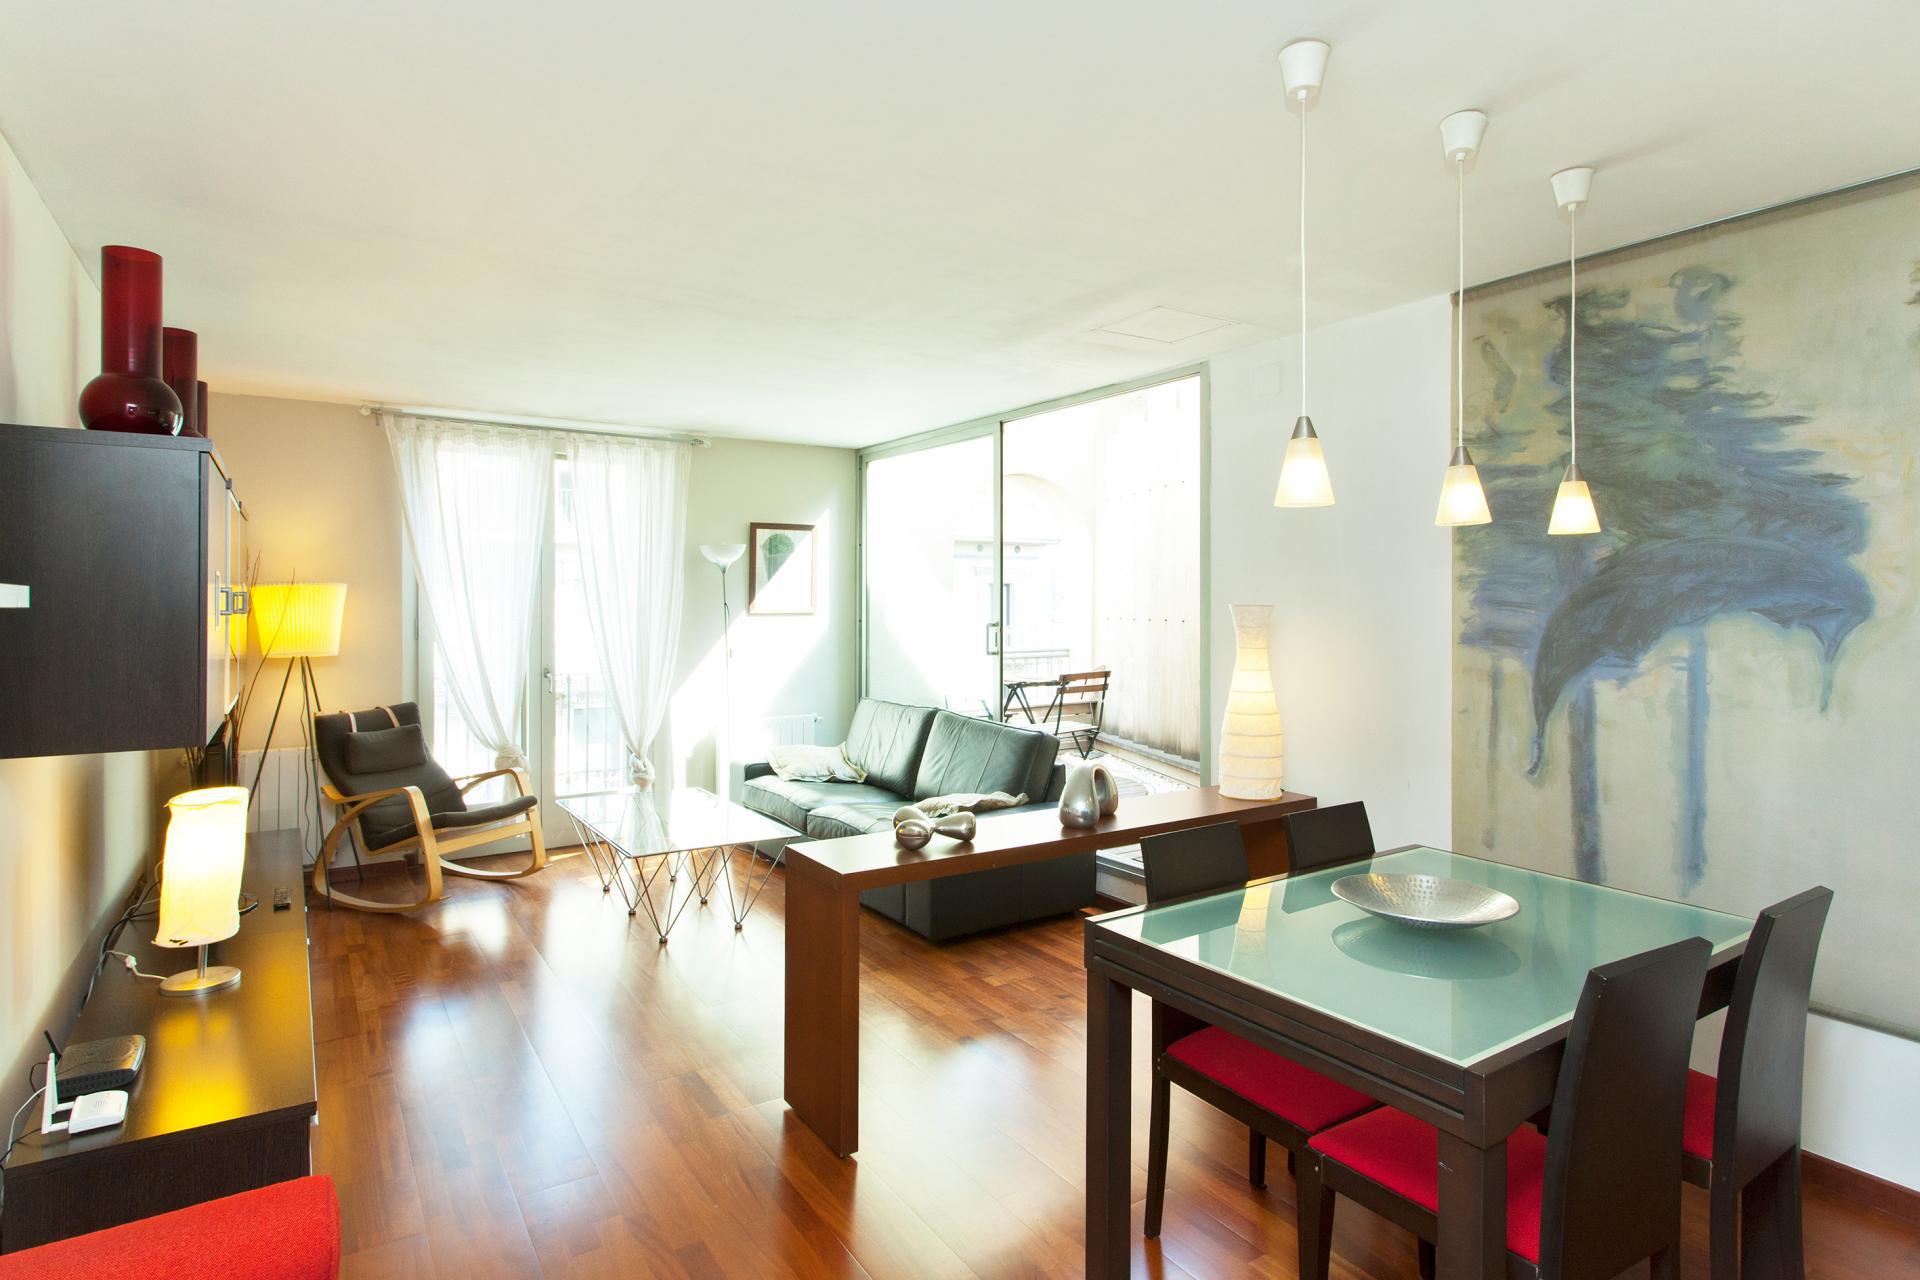 Luminoso appartamento con tre spaziose stanze da letto